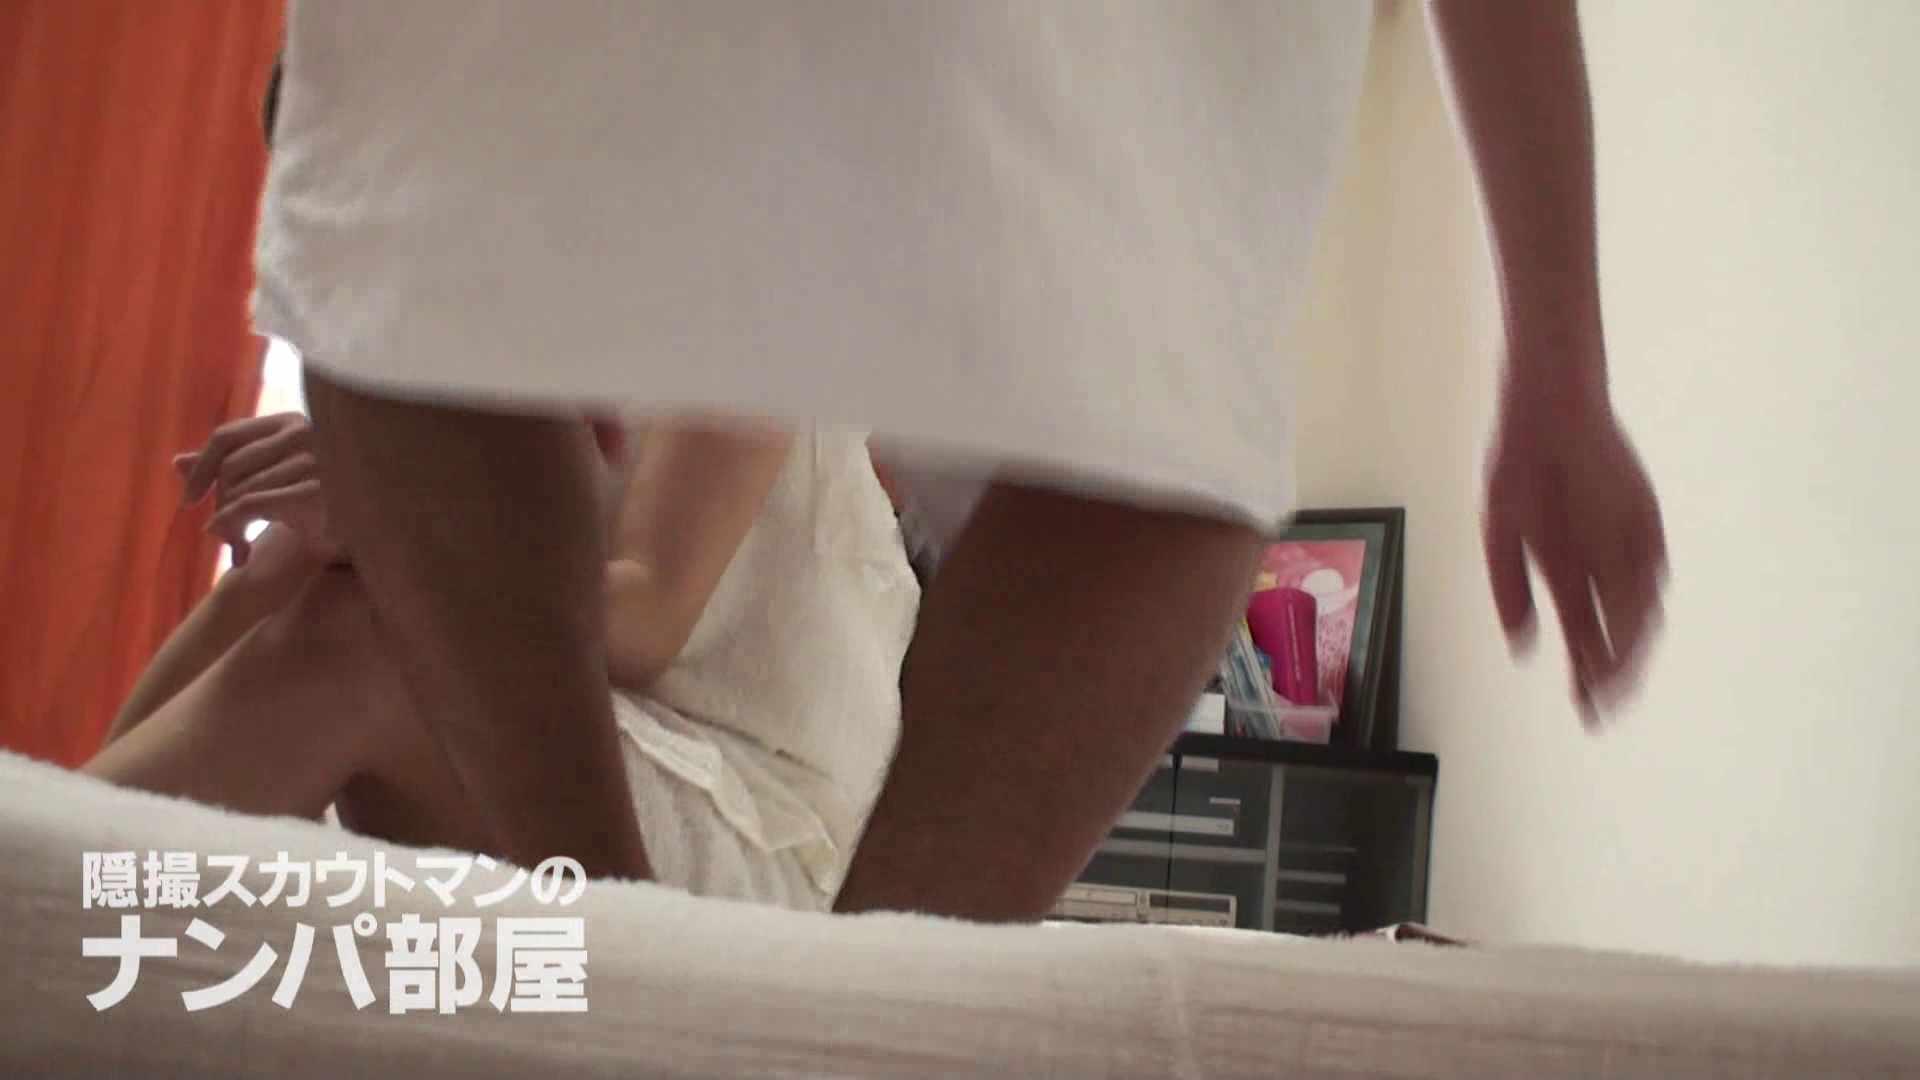 隠撮スカウトマンのナンパ部屋~風俗デビュー前のつまみ食い~ sii 隠撮 | 脱衣所  94pic 58